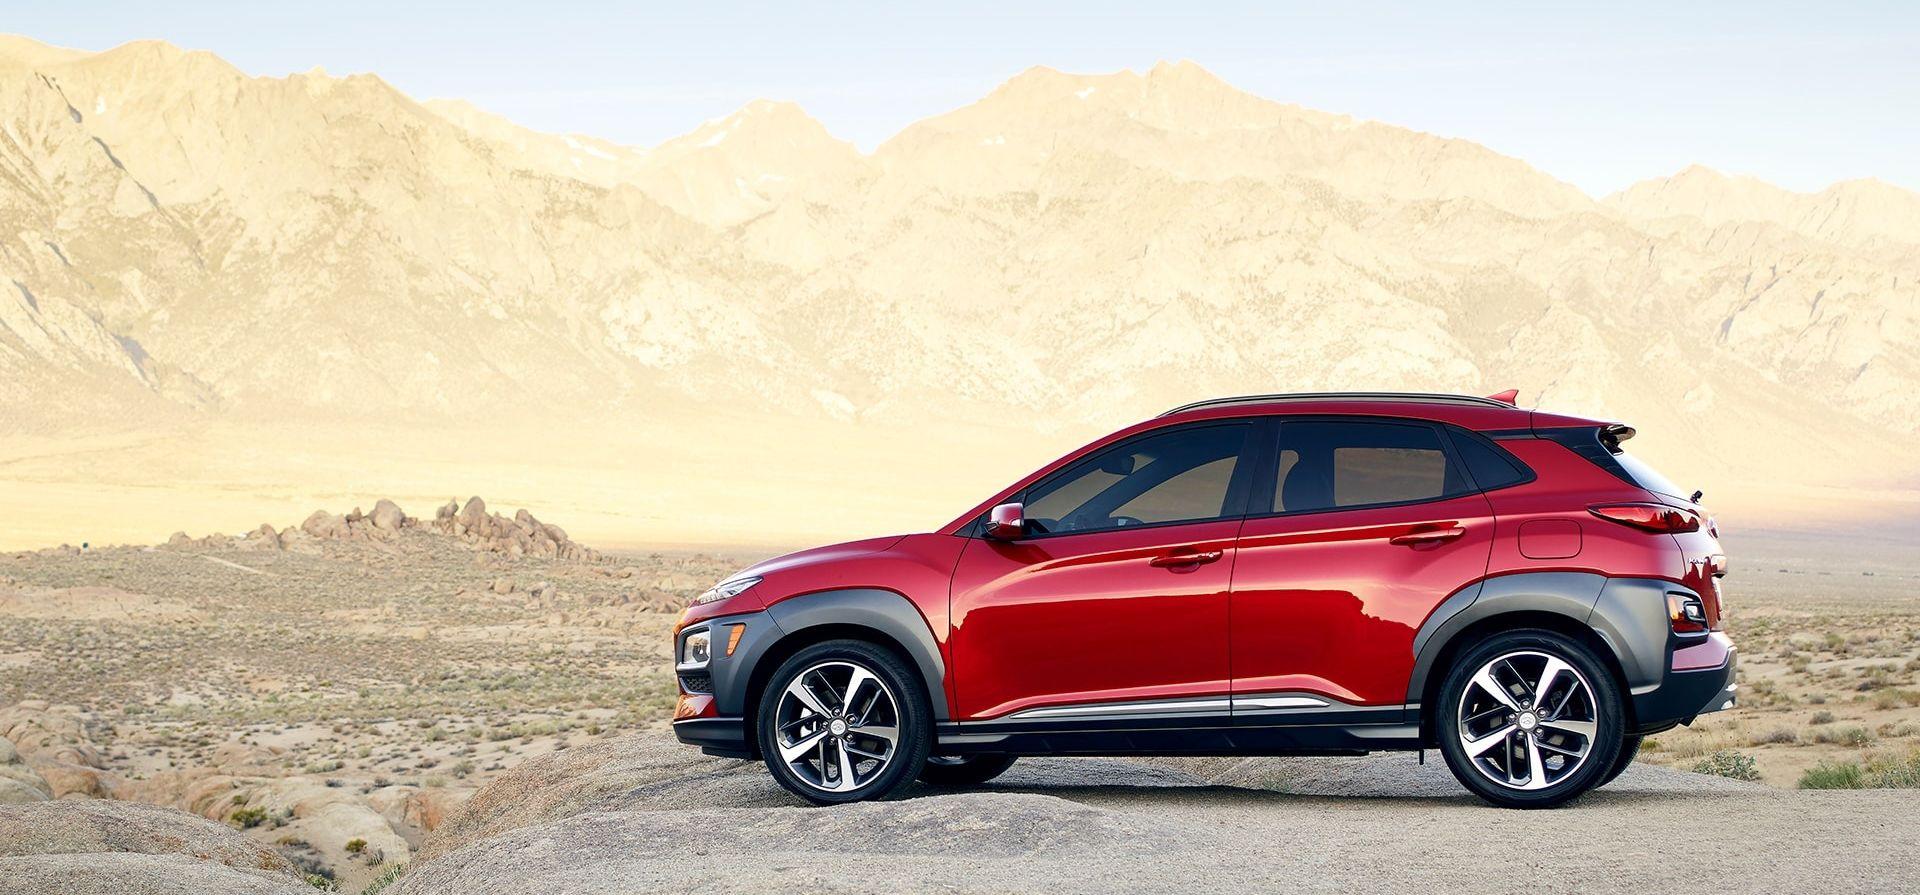 Hyundai Kona 2019 a la venta cerca de Washington, DC